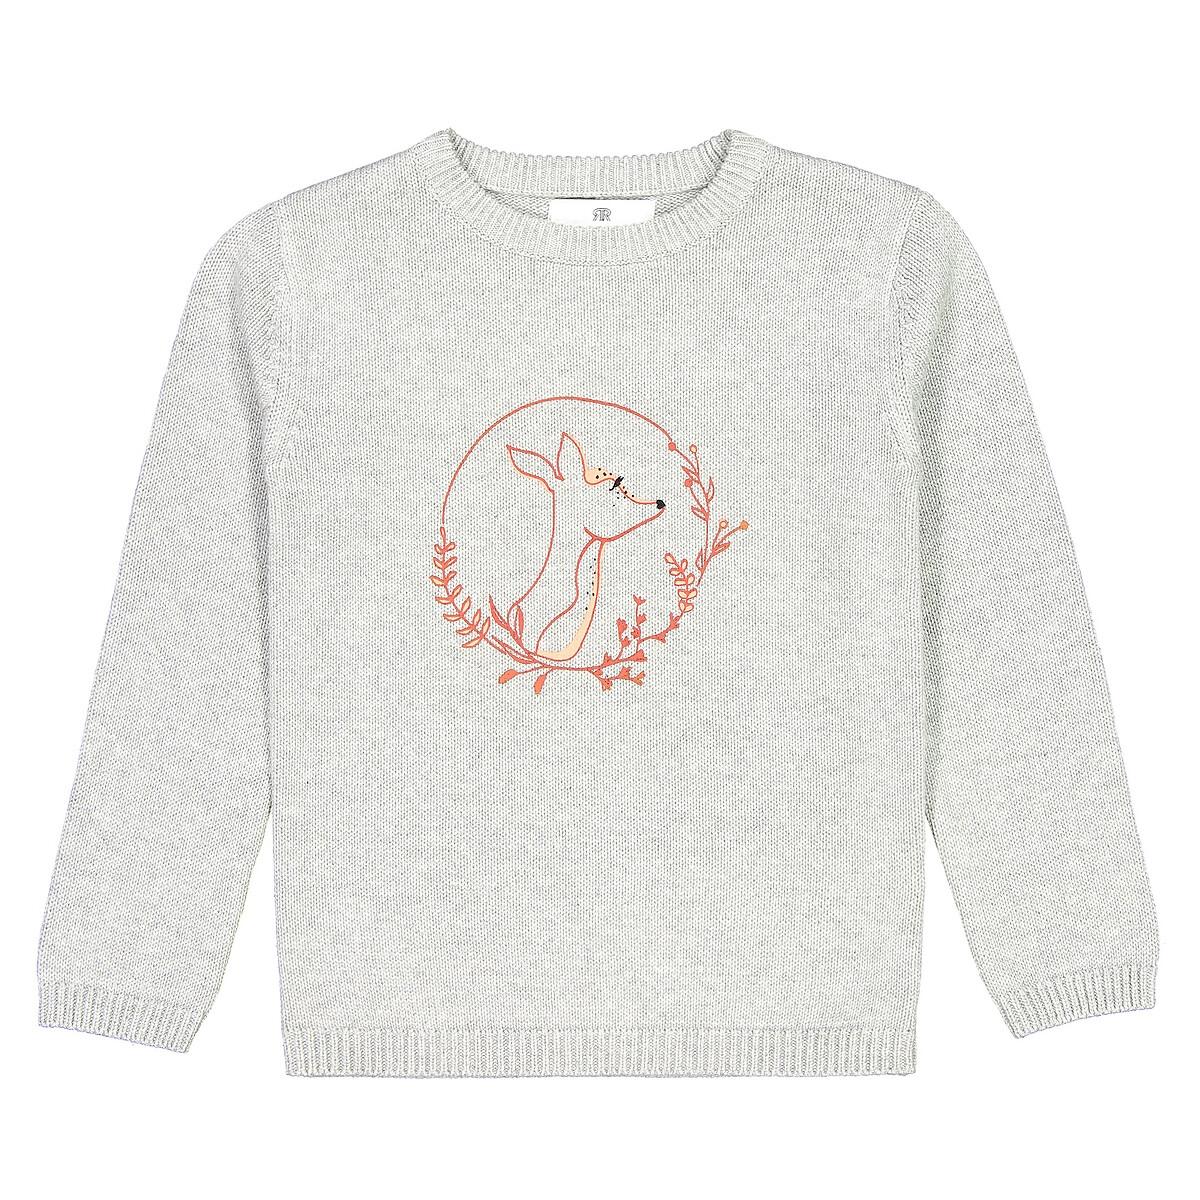 Пуловер La Redoute С круглым вырезом из тонкого трикотажа с принтом 12 лет -150 см серый пижама la redoute с шортами и цветочным принтом 12 лет 150 см другие